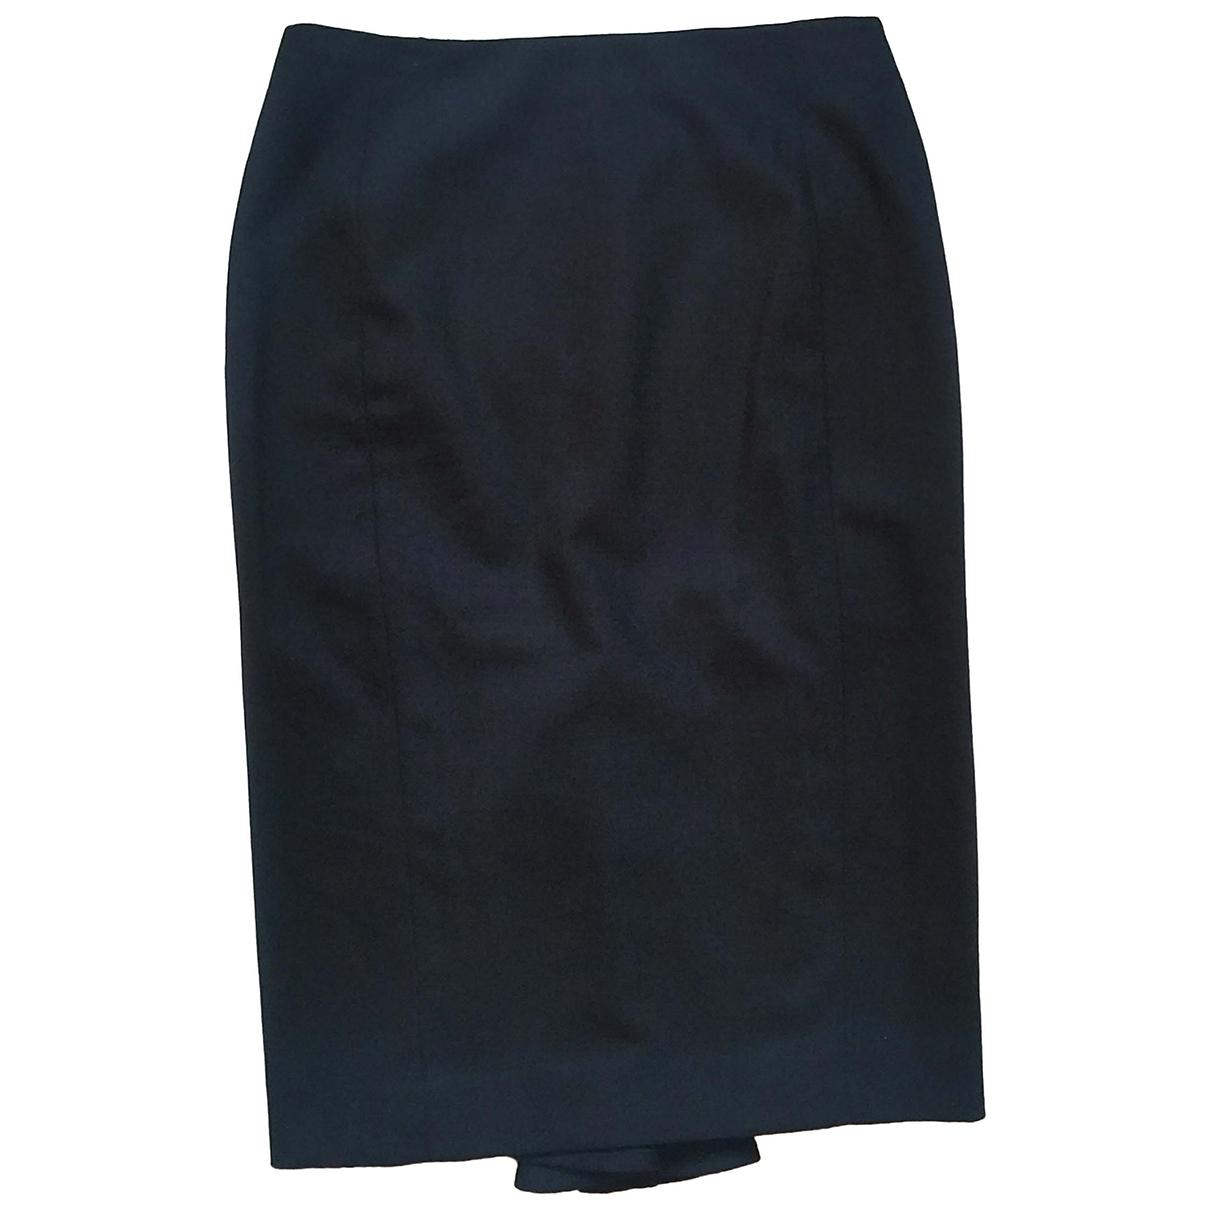 Gianfranco Ferré N Black Wool skirt for Women 38 IT